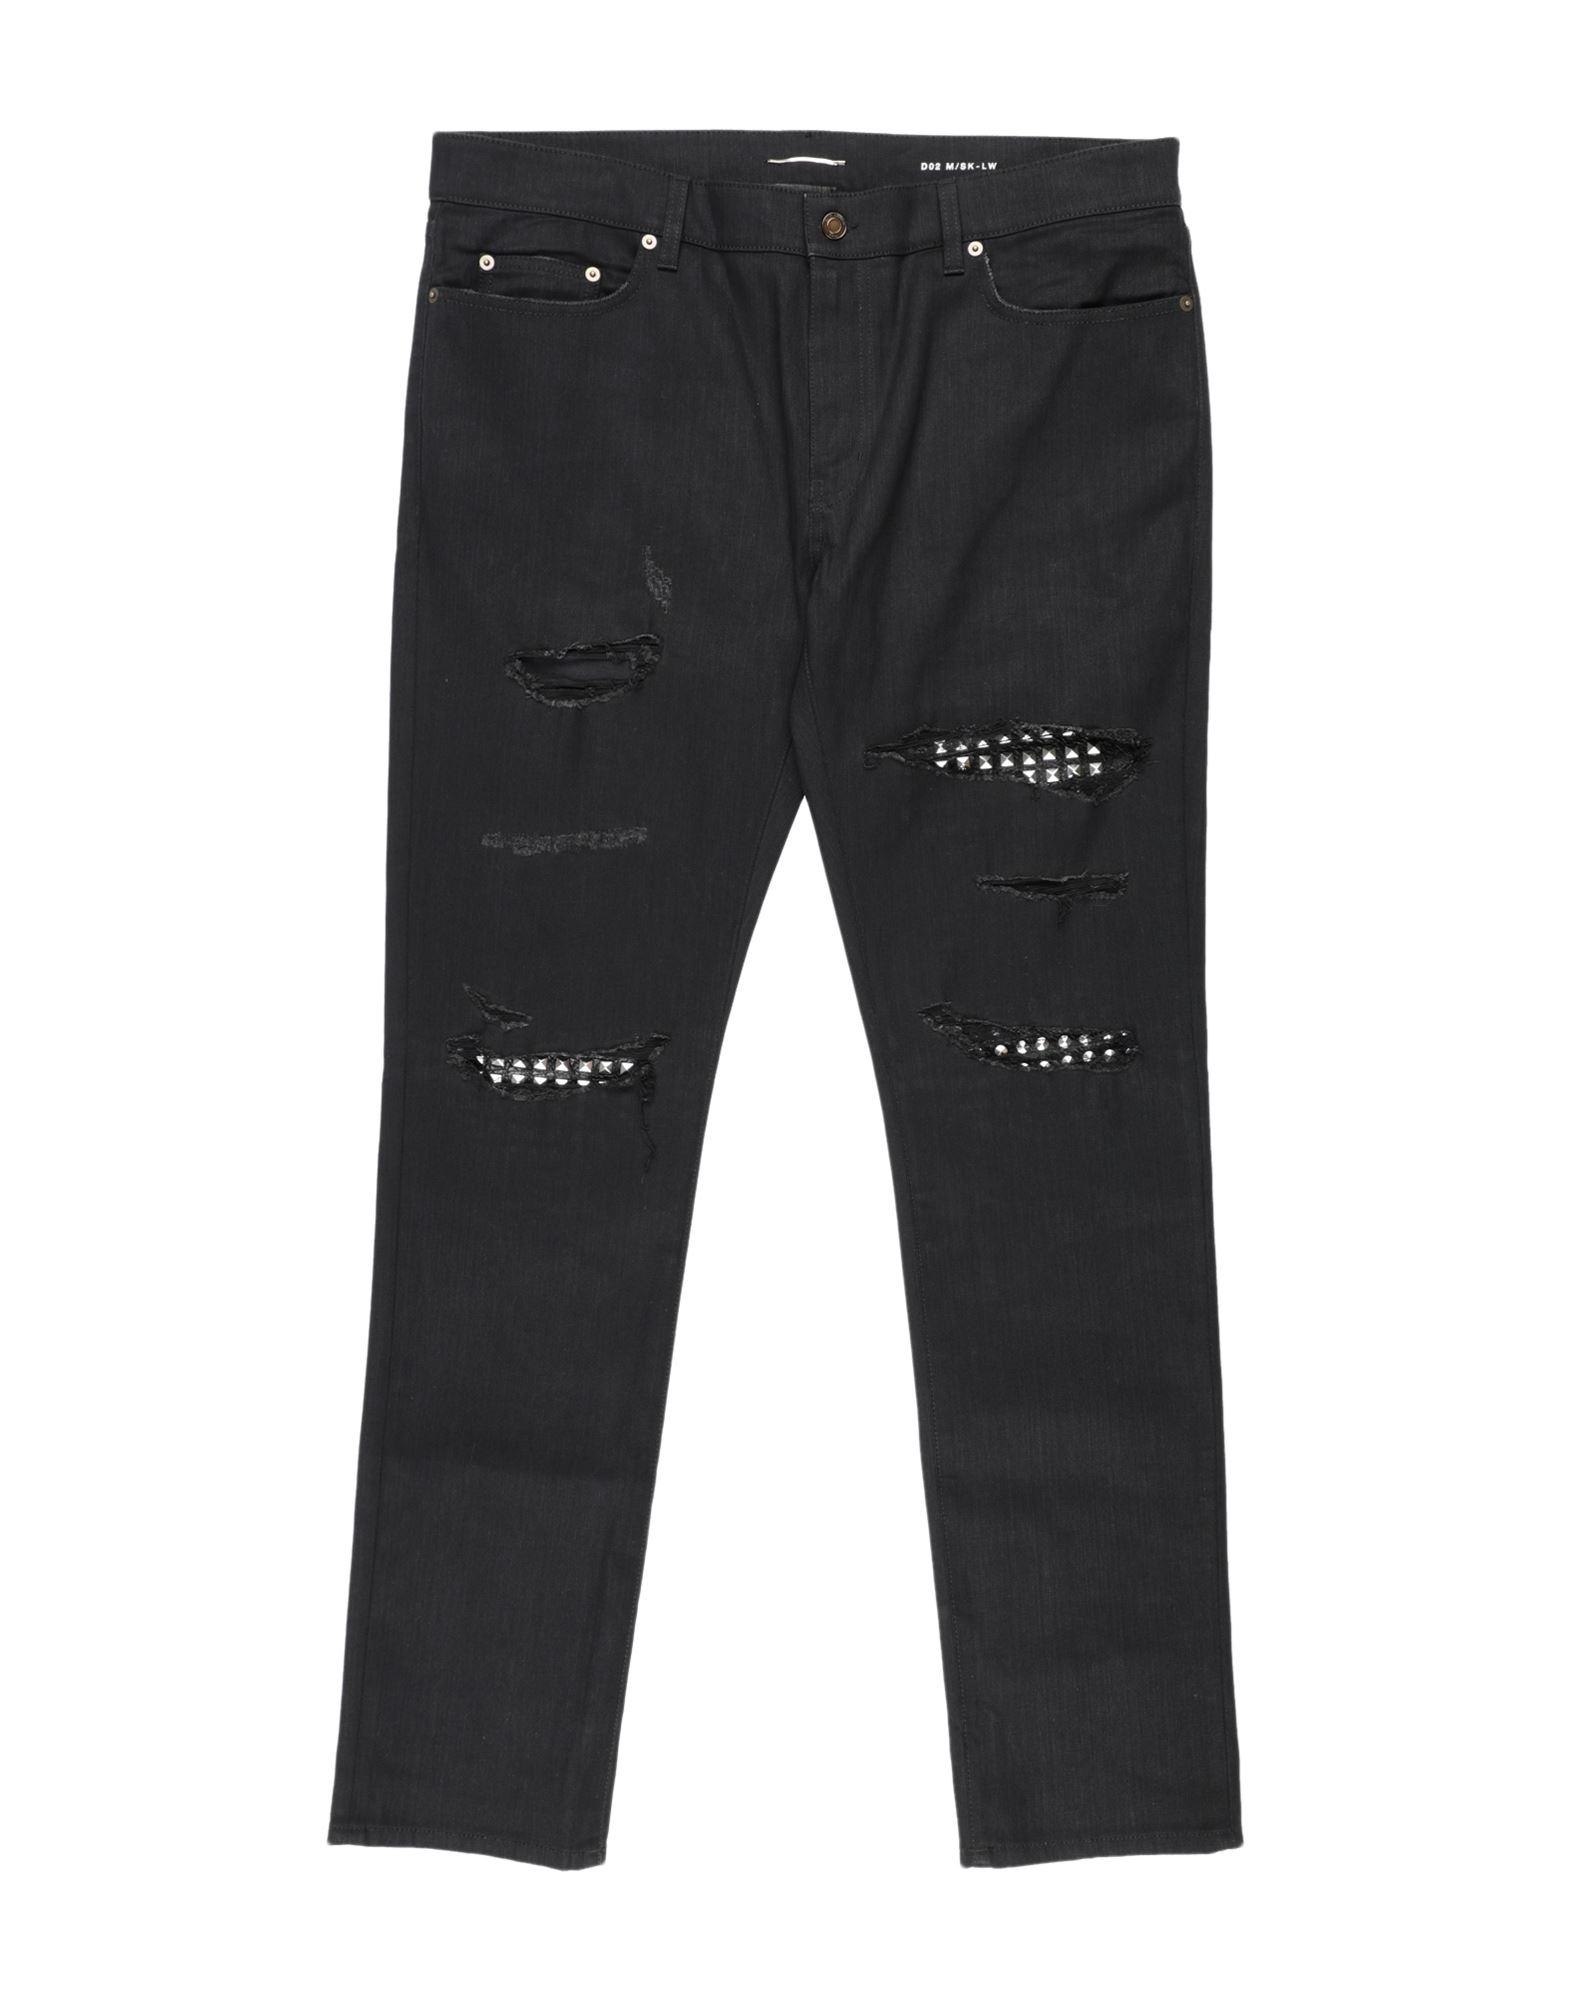 Pantaloni Jeans Saint Laurent Donna - Acquista online su ShpJHskoPx